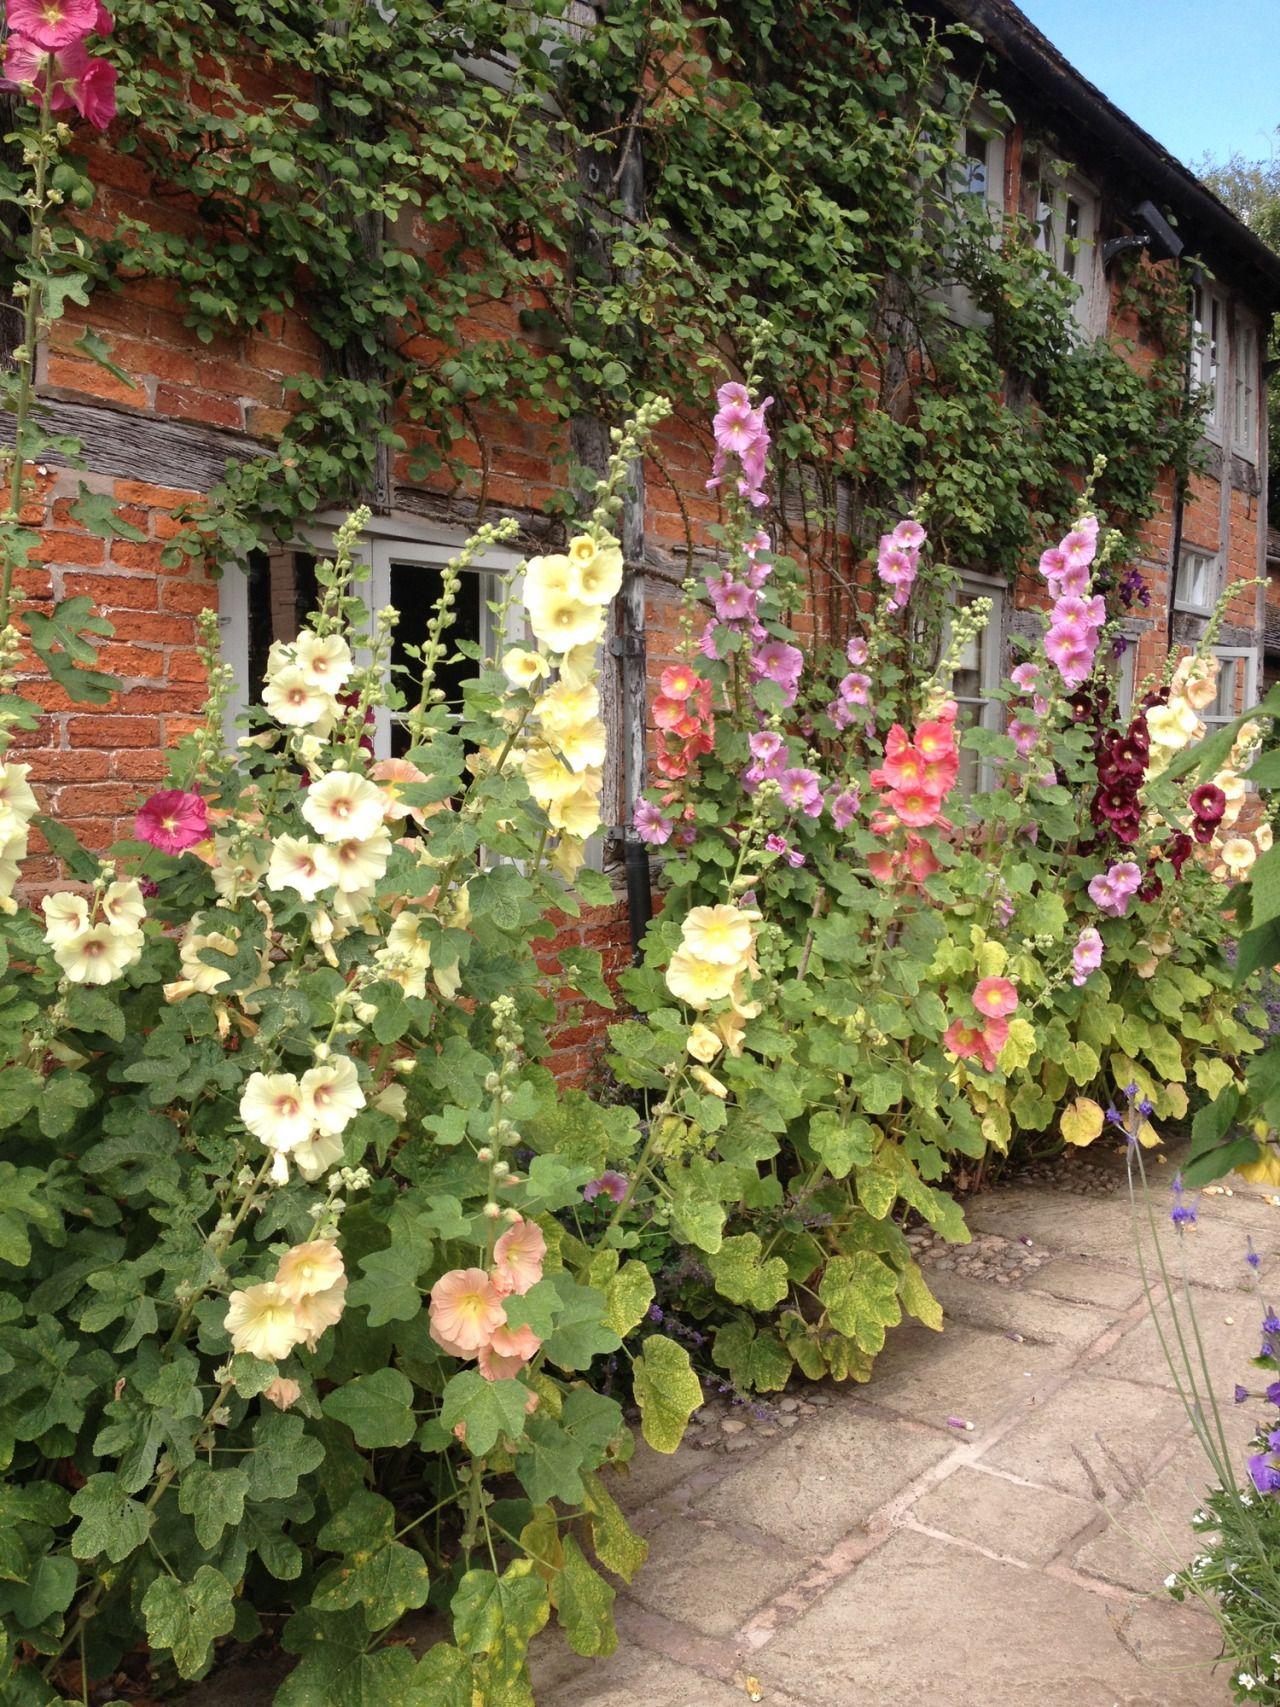 Cottage garden landscape design ideas  anotherbohemians ucfavoriteandmybest ud  Gardens